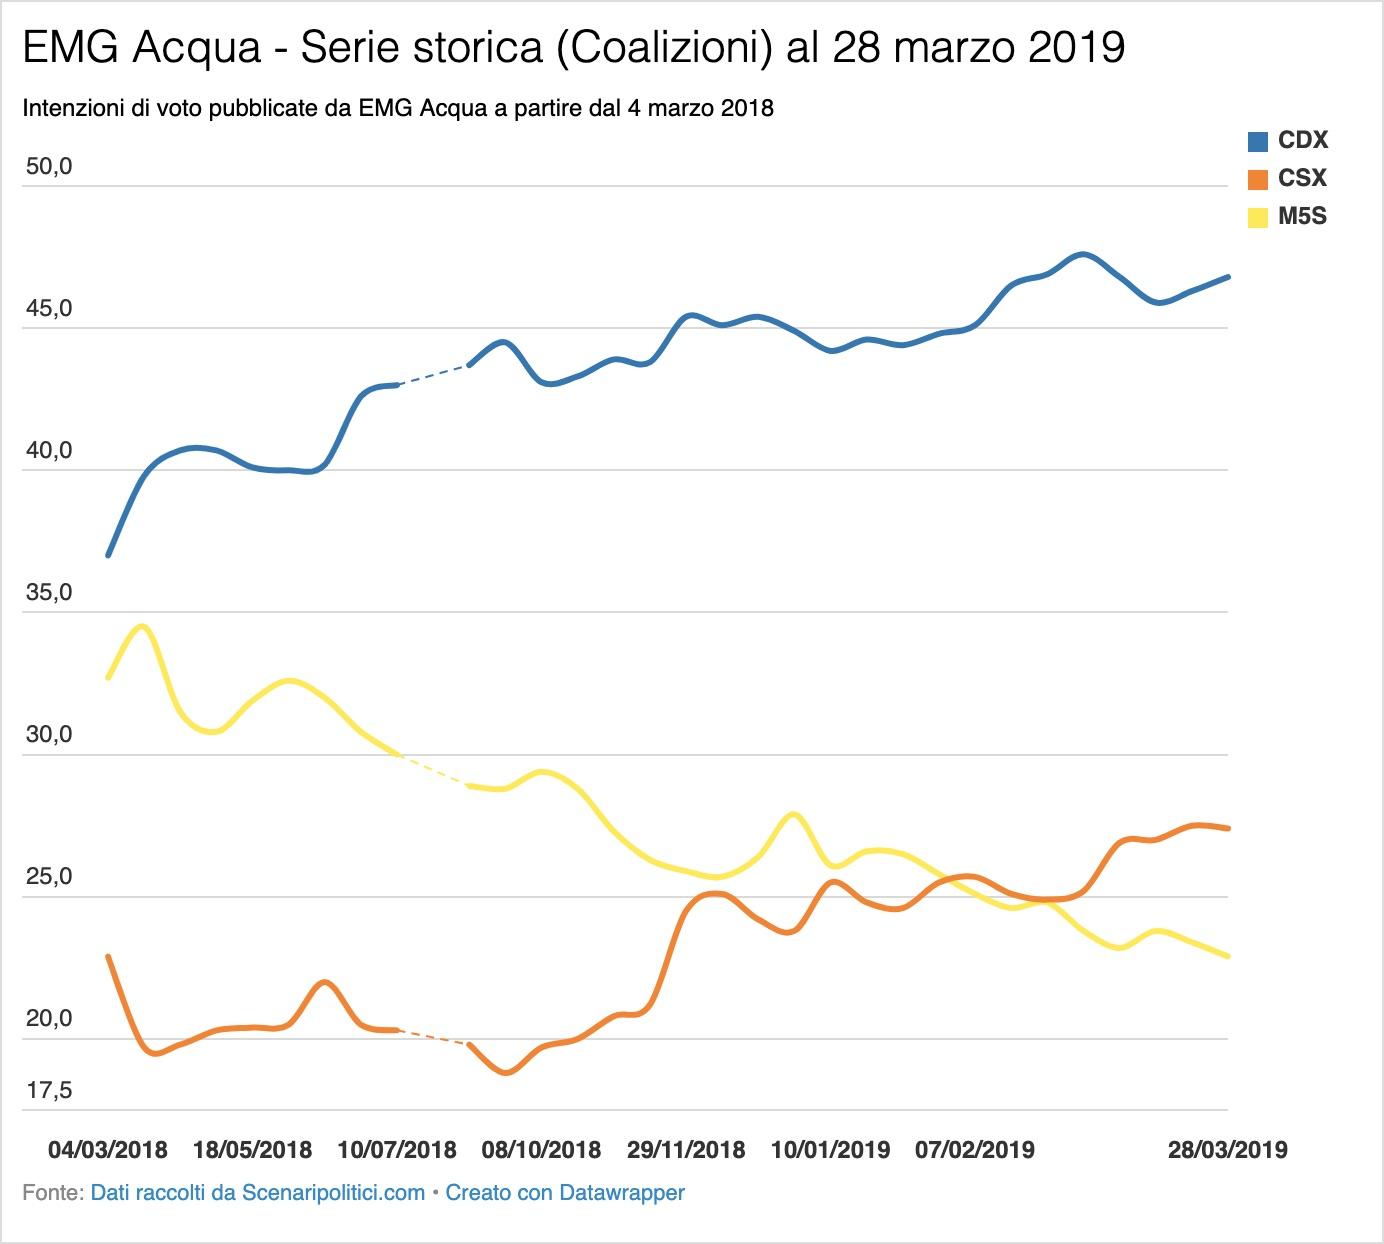 Sondaggio EMG Acqua 28 marzo 2019